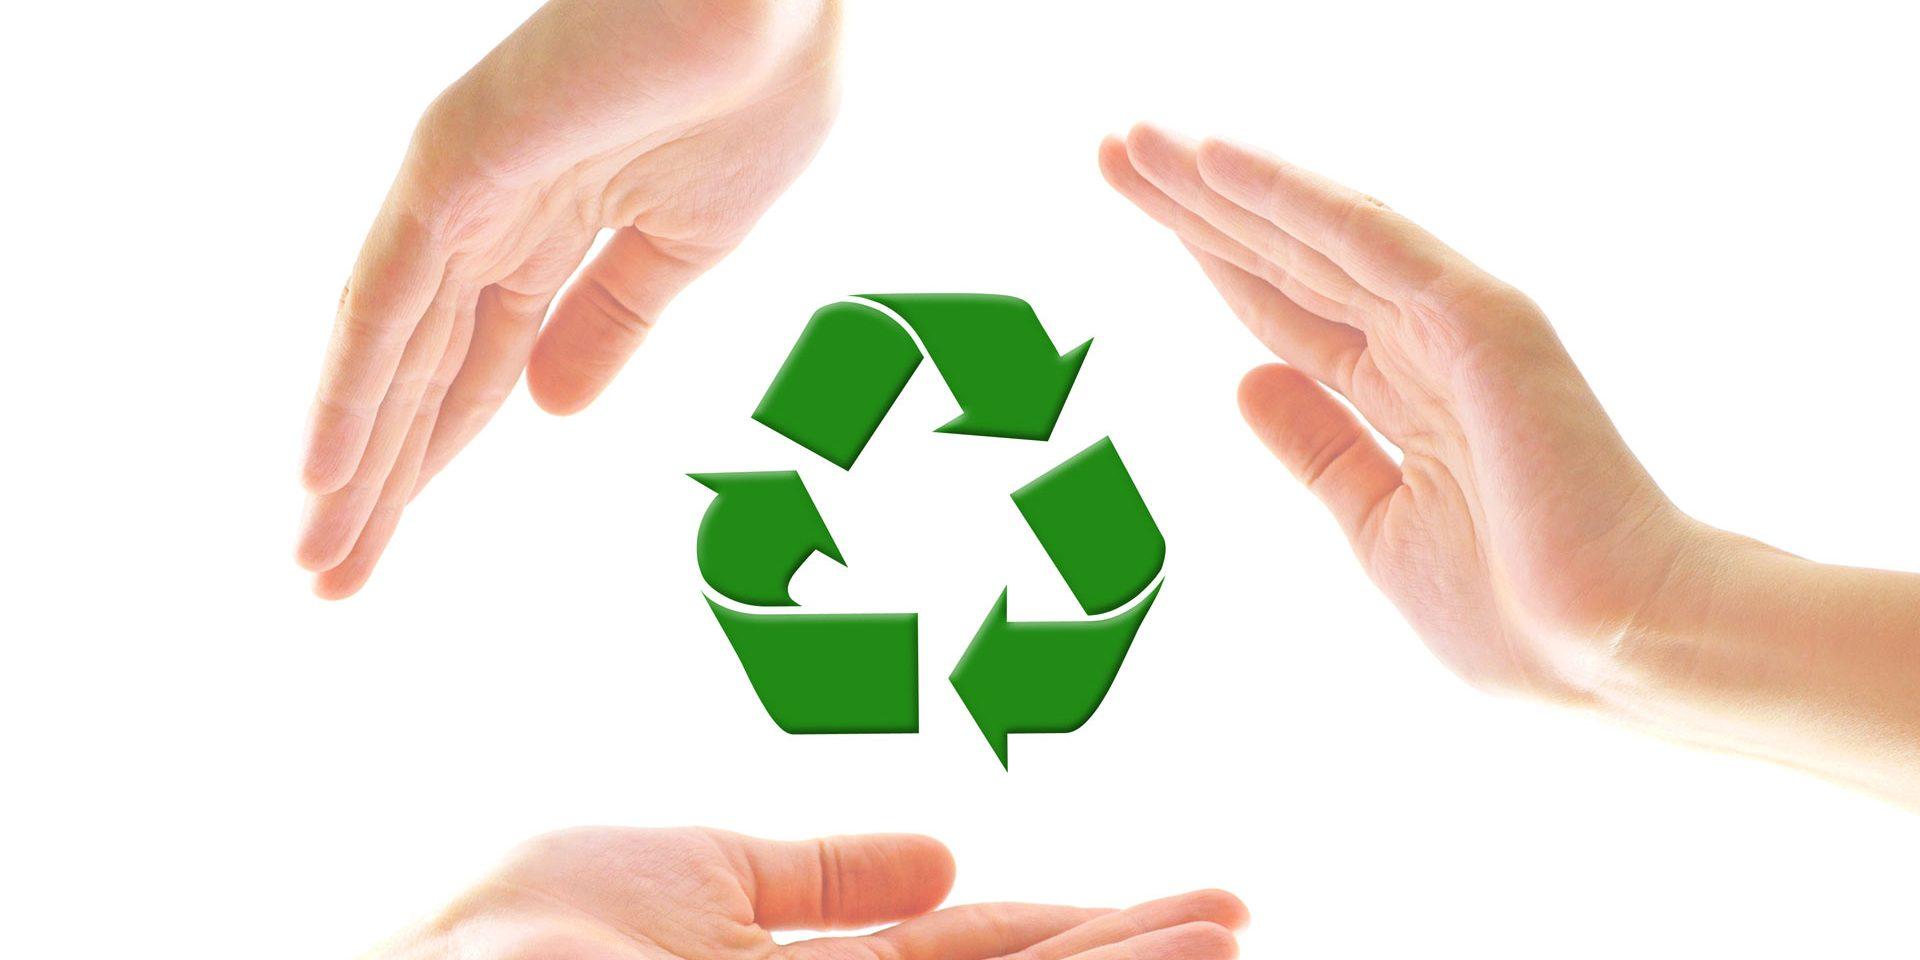 Reciclaje de plastico platos vasos y cubiertos de plstico - Cosas de reciclaje ...